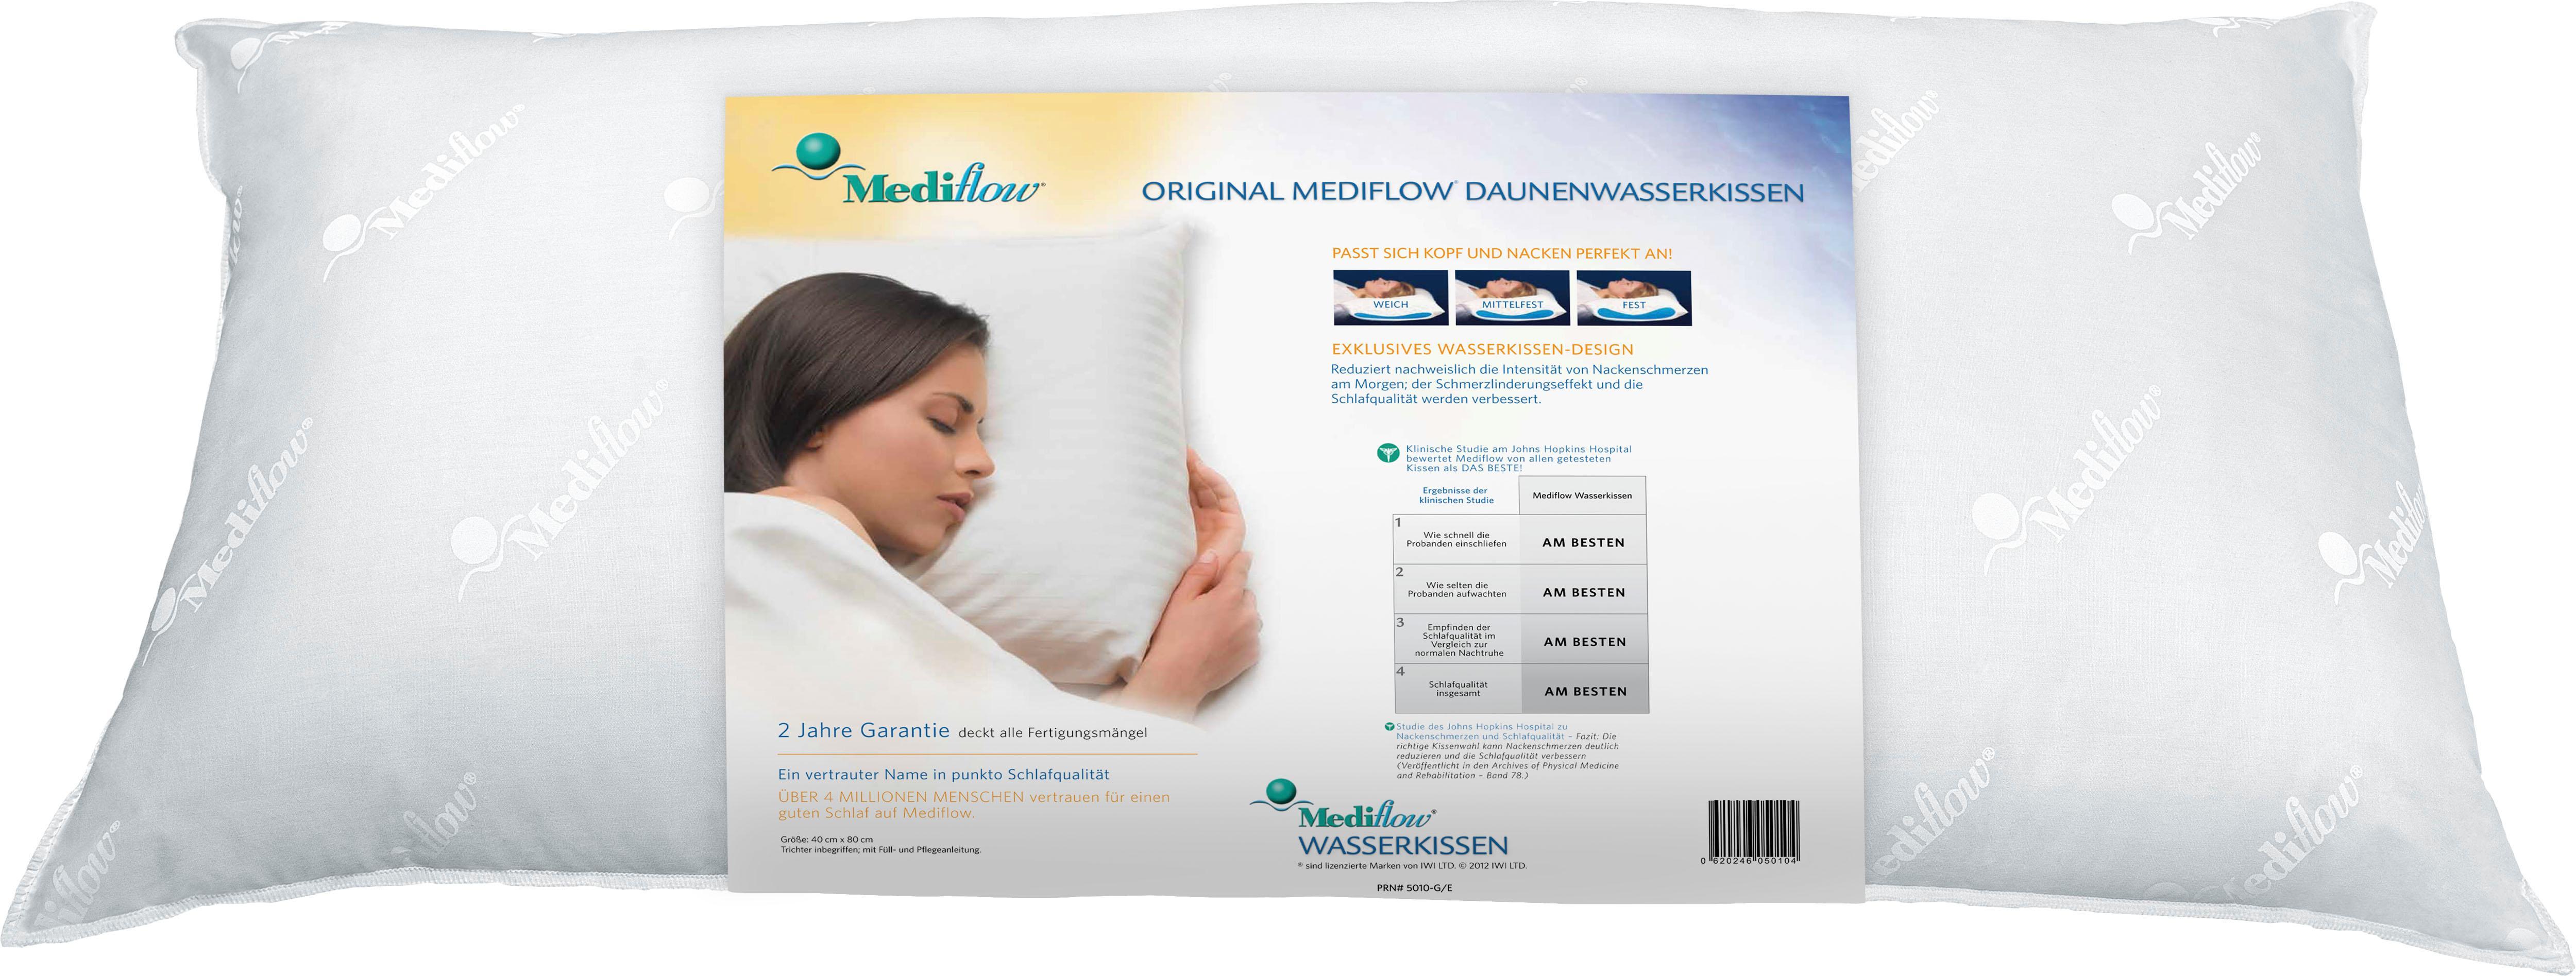 Wasserkissen Mediflow Original Daunenwasserkissen 5011 40x80cm Mediflow Fullung 60 Gansedaunen 40 Gansefedern Bestellen Baur